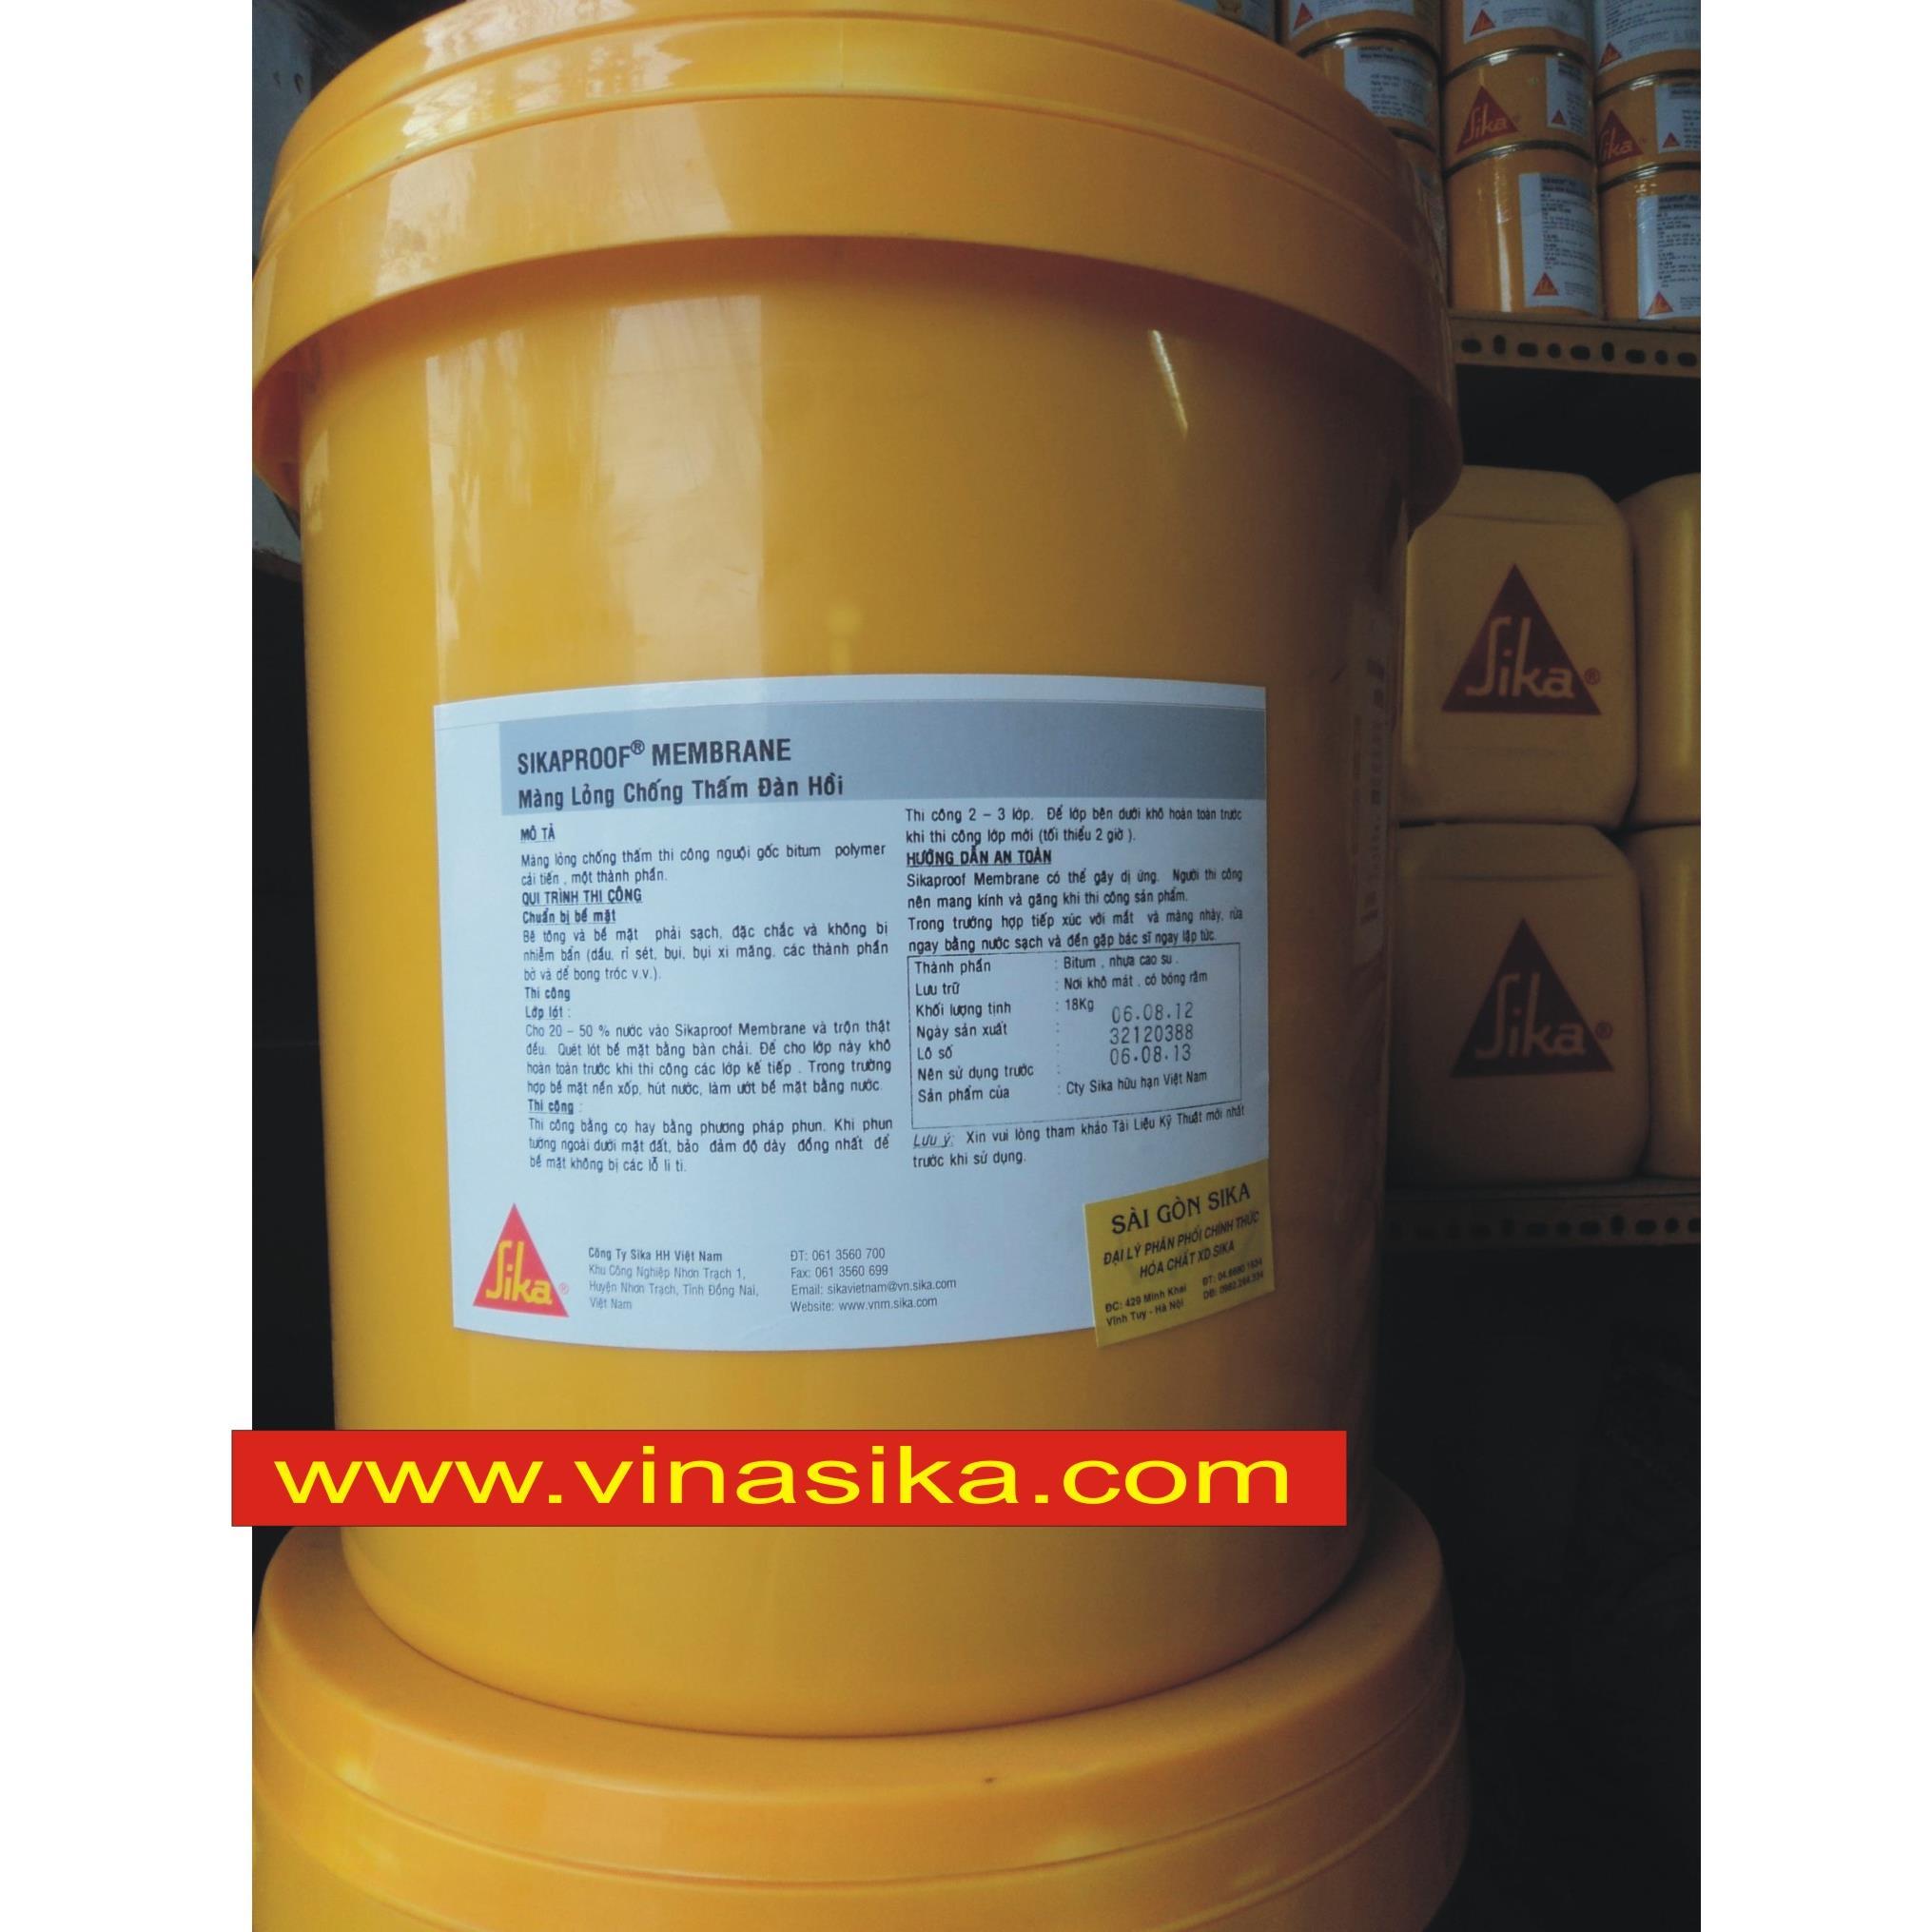 sikaproof-membrane-mang-chong-tham